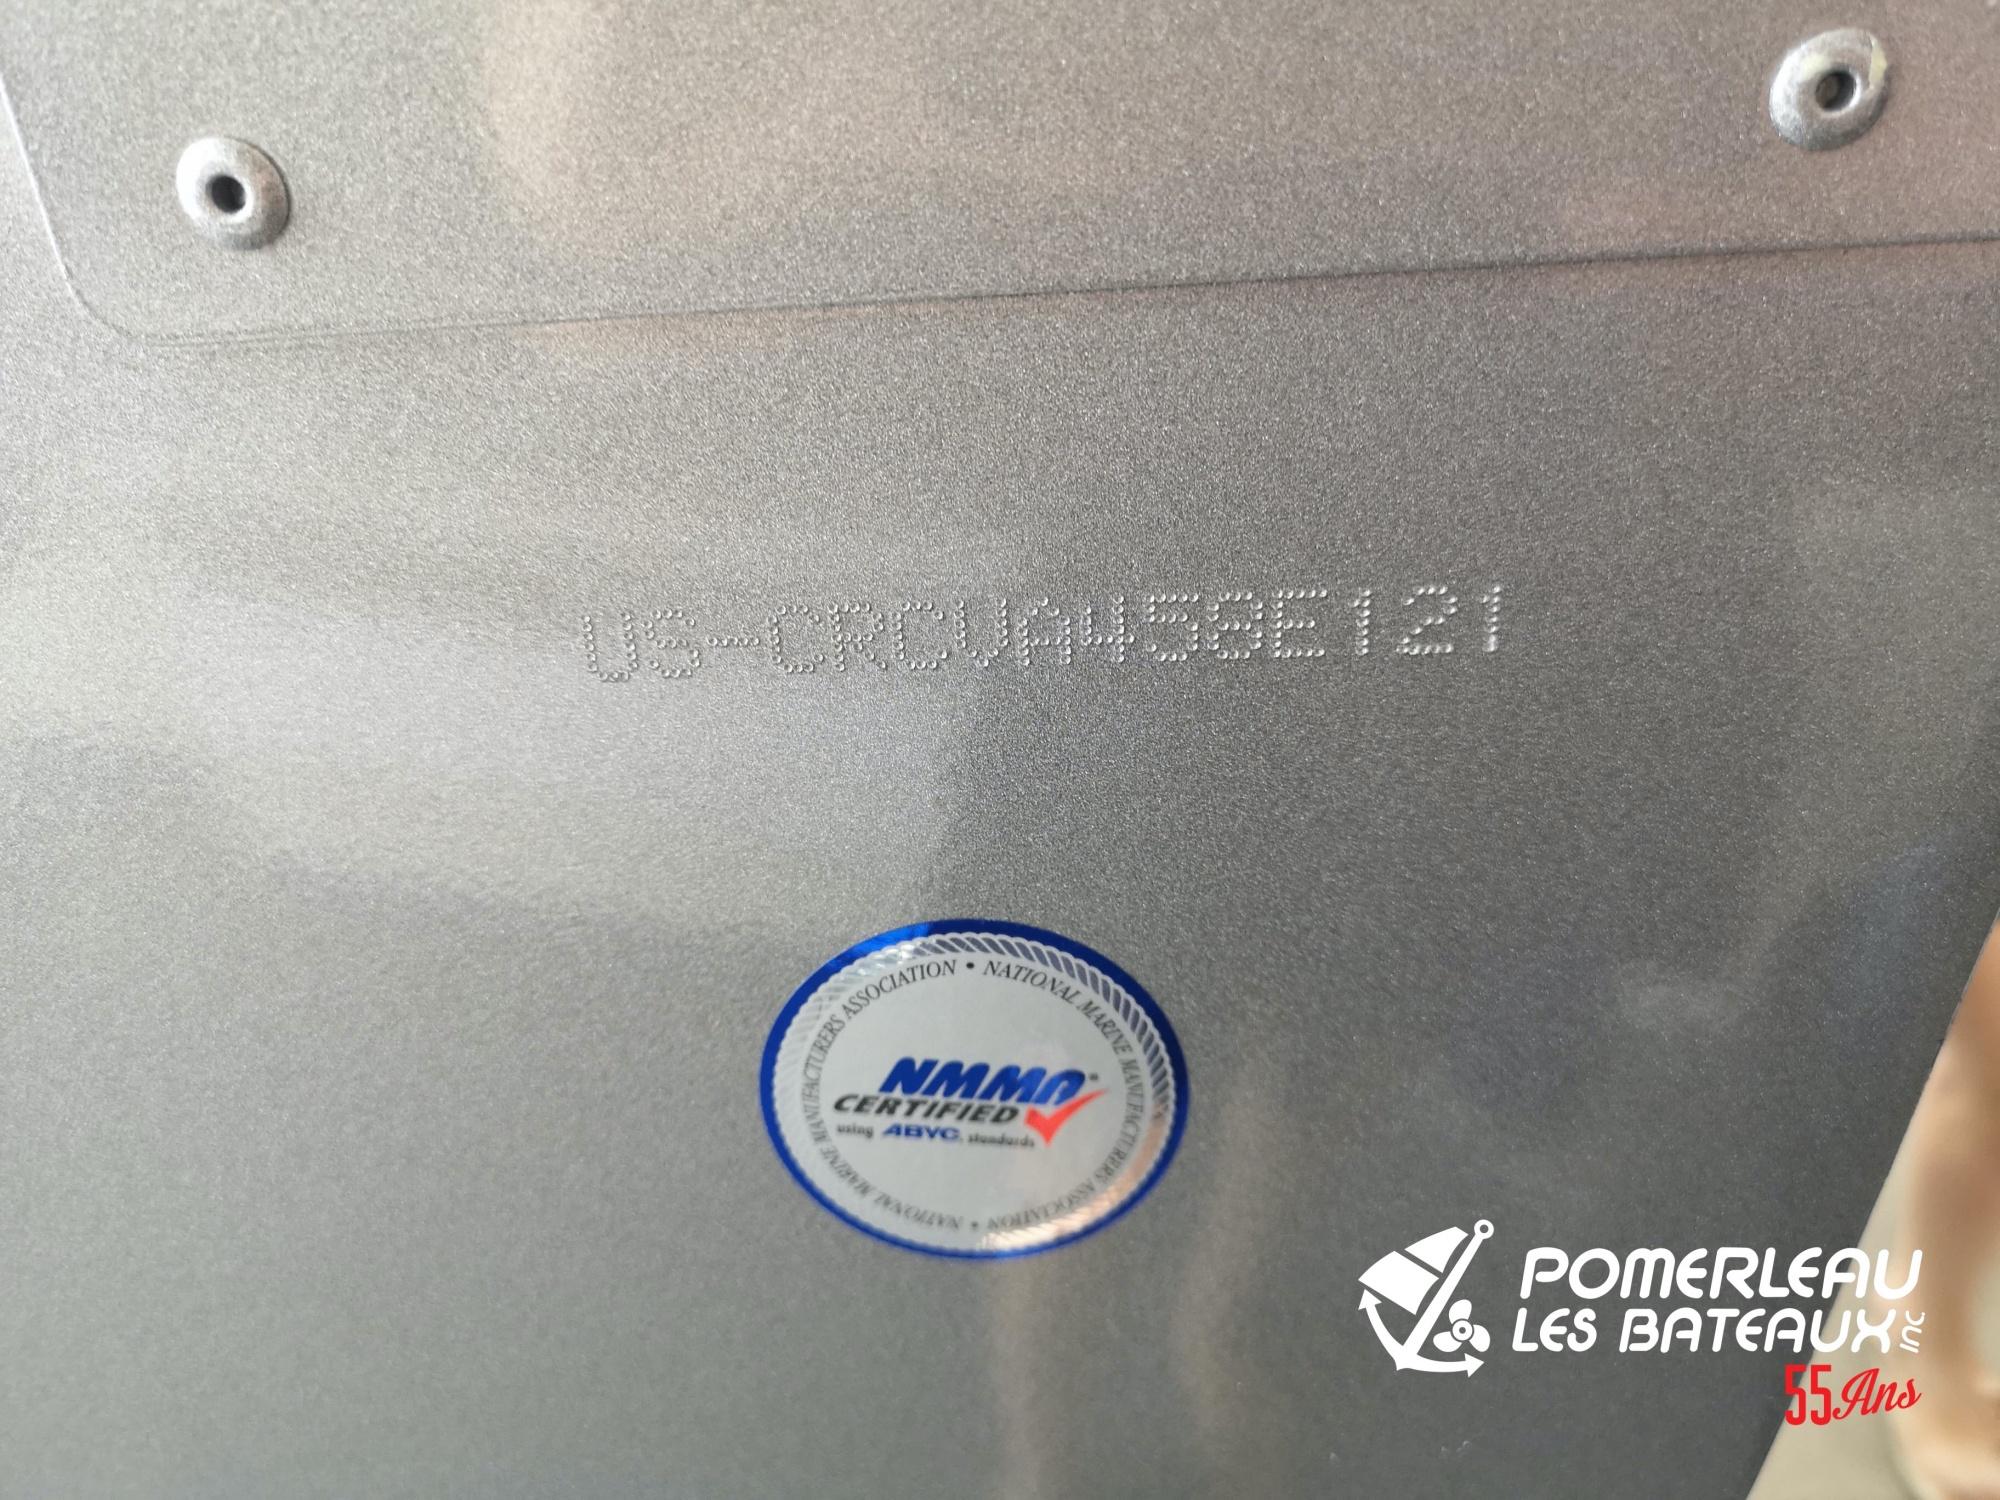 Crestliner vision 1600 - IMG_20210706_104713